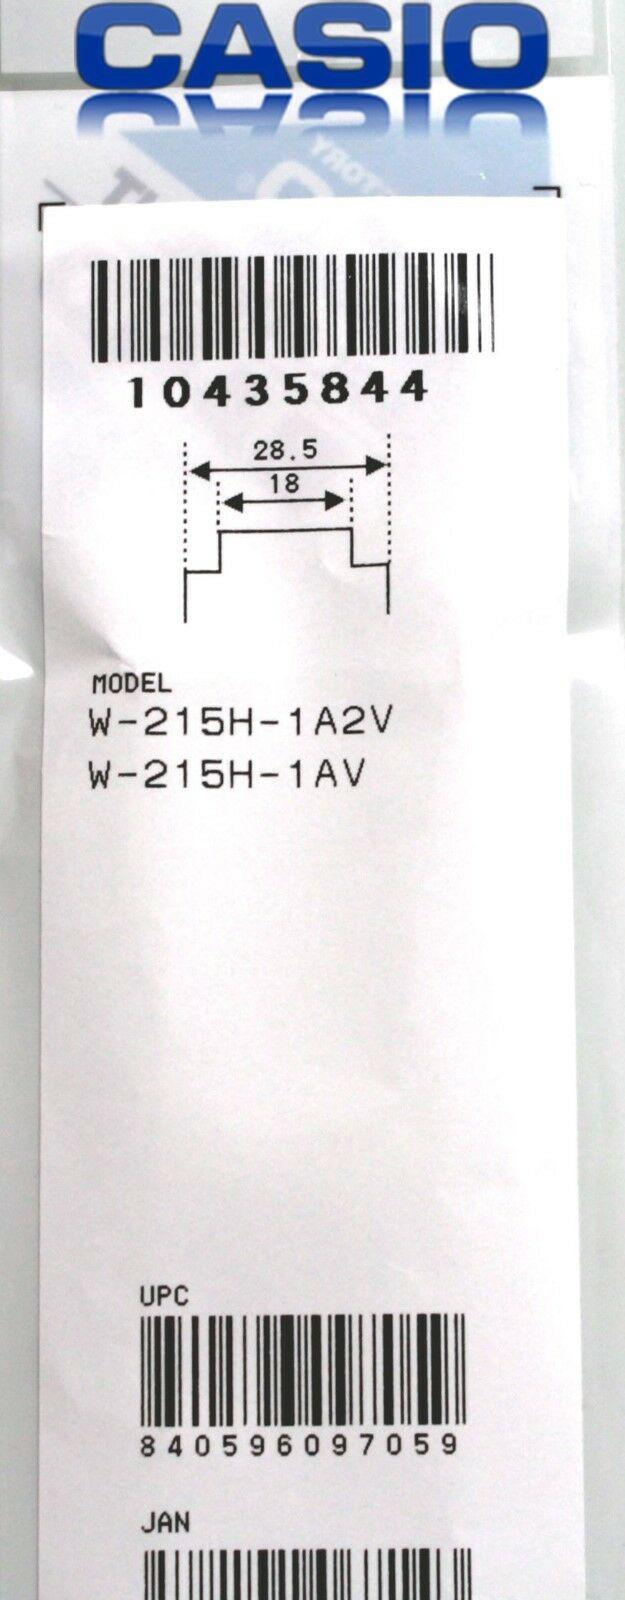 Pulseira Casio W-215H-1A2VW-215H-1AV   Preto VErniz  - E-Presentes